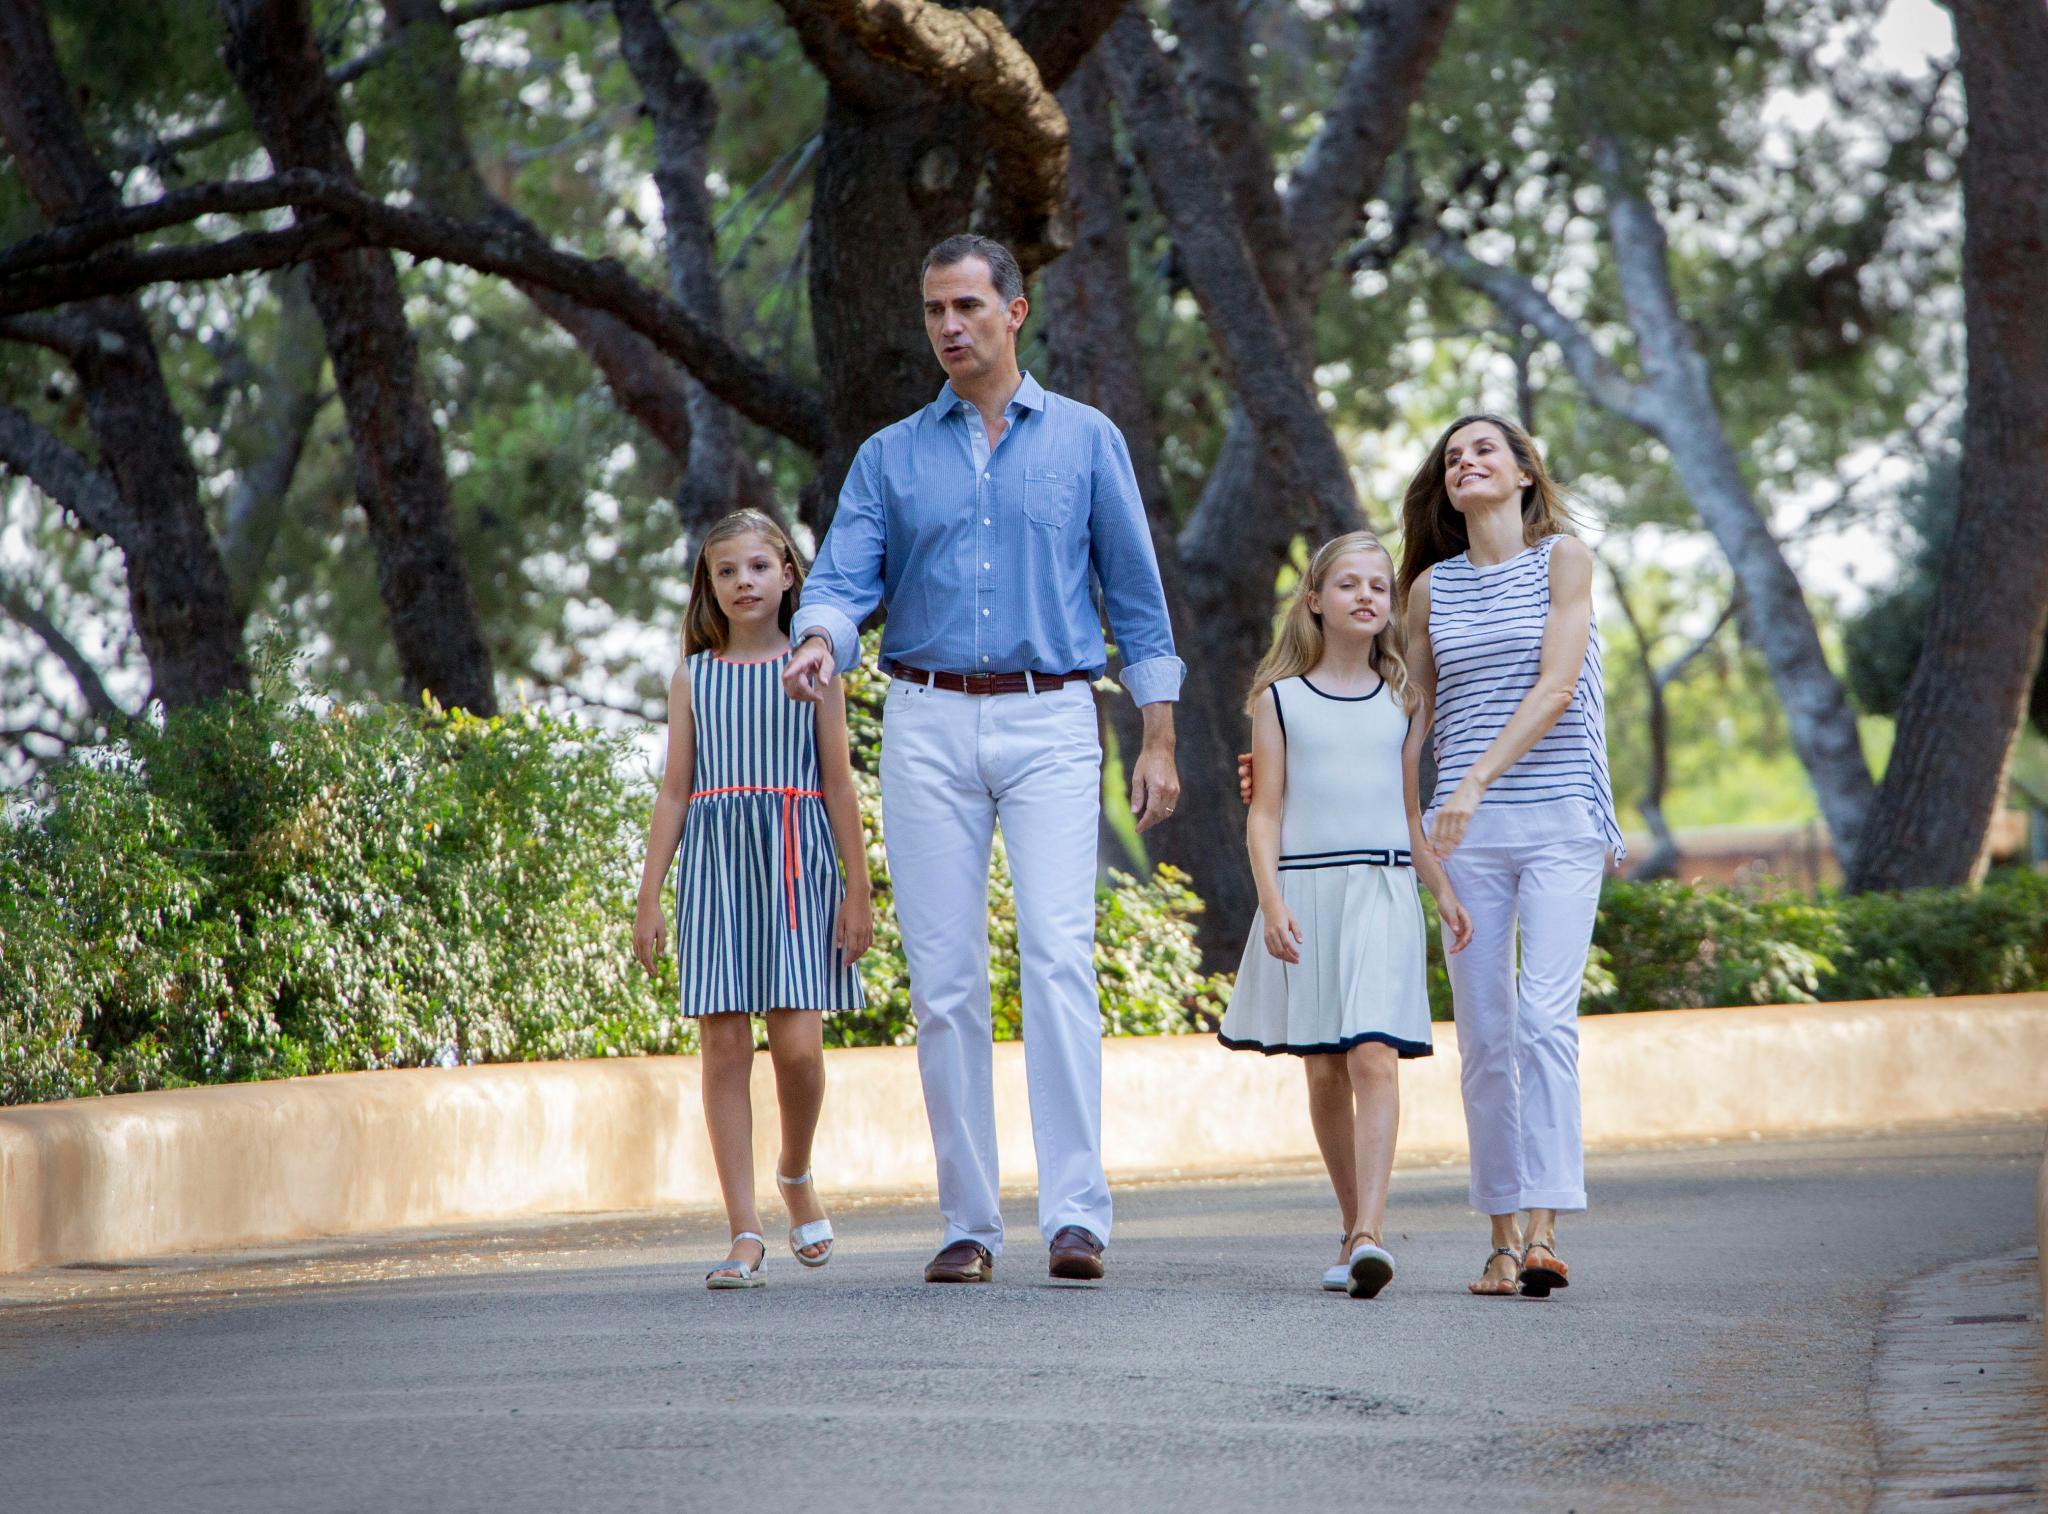 Prinzessin Sofia, König Felipe, Prinzessin Leonor, Königin Letizia beim jährlichen Sommerfotoshooting auf Marivent